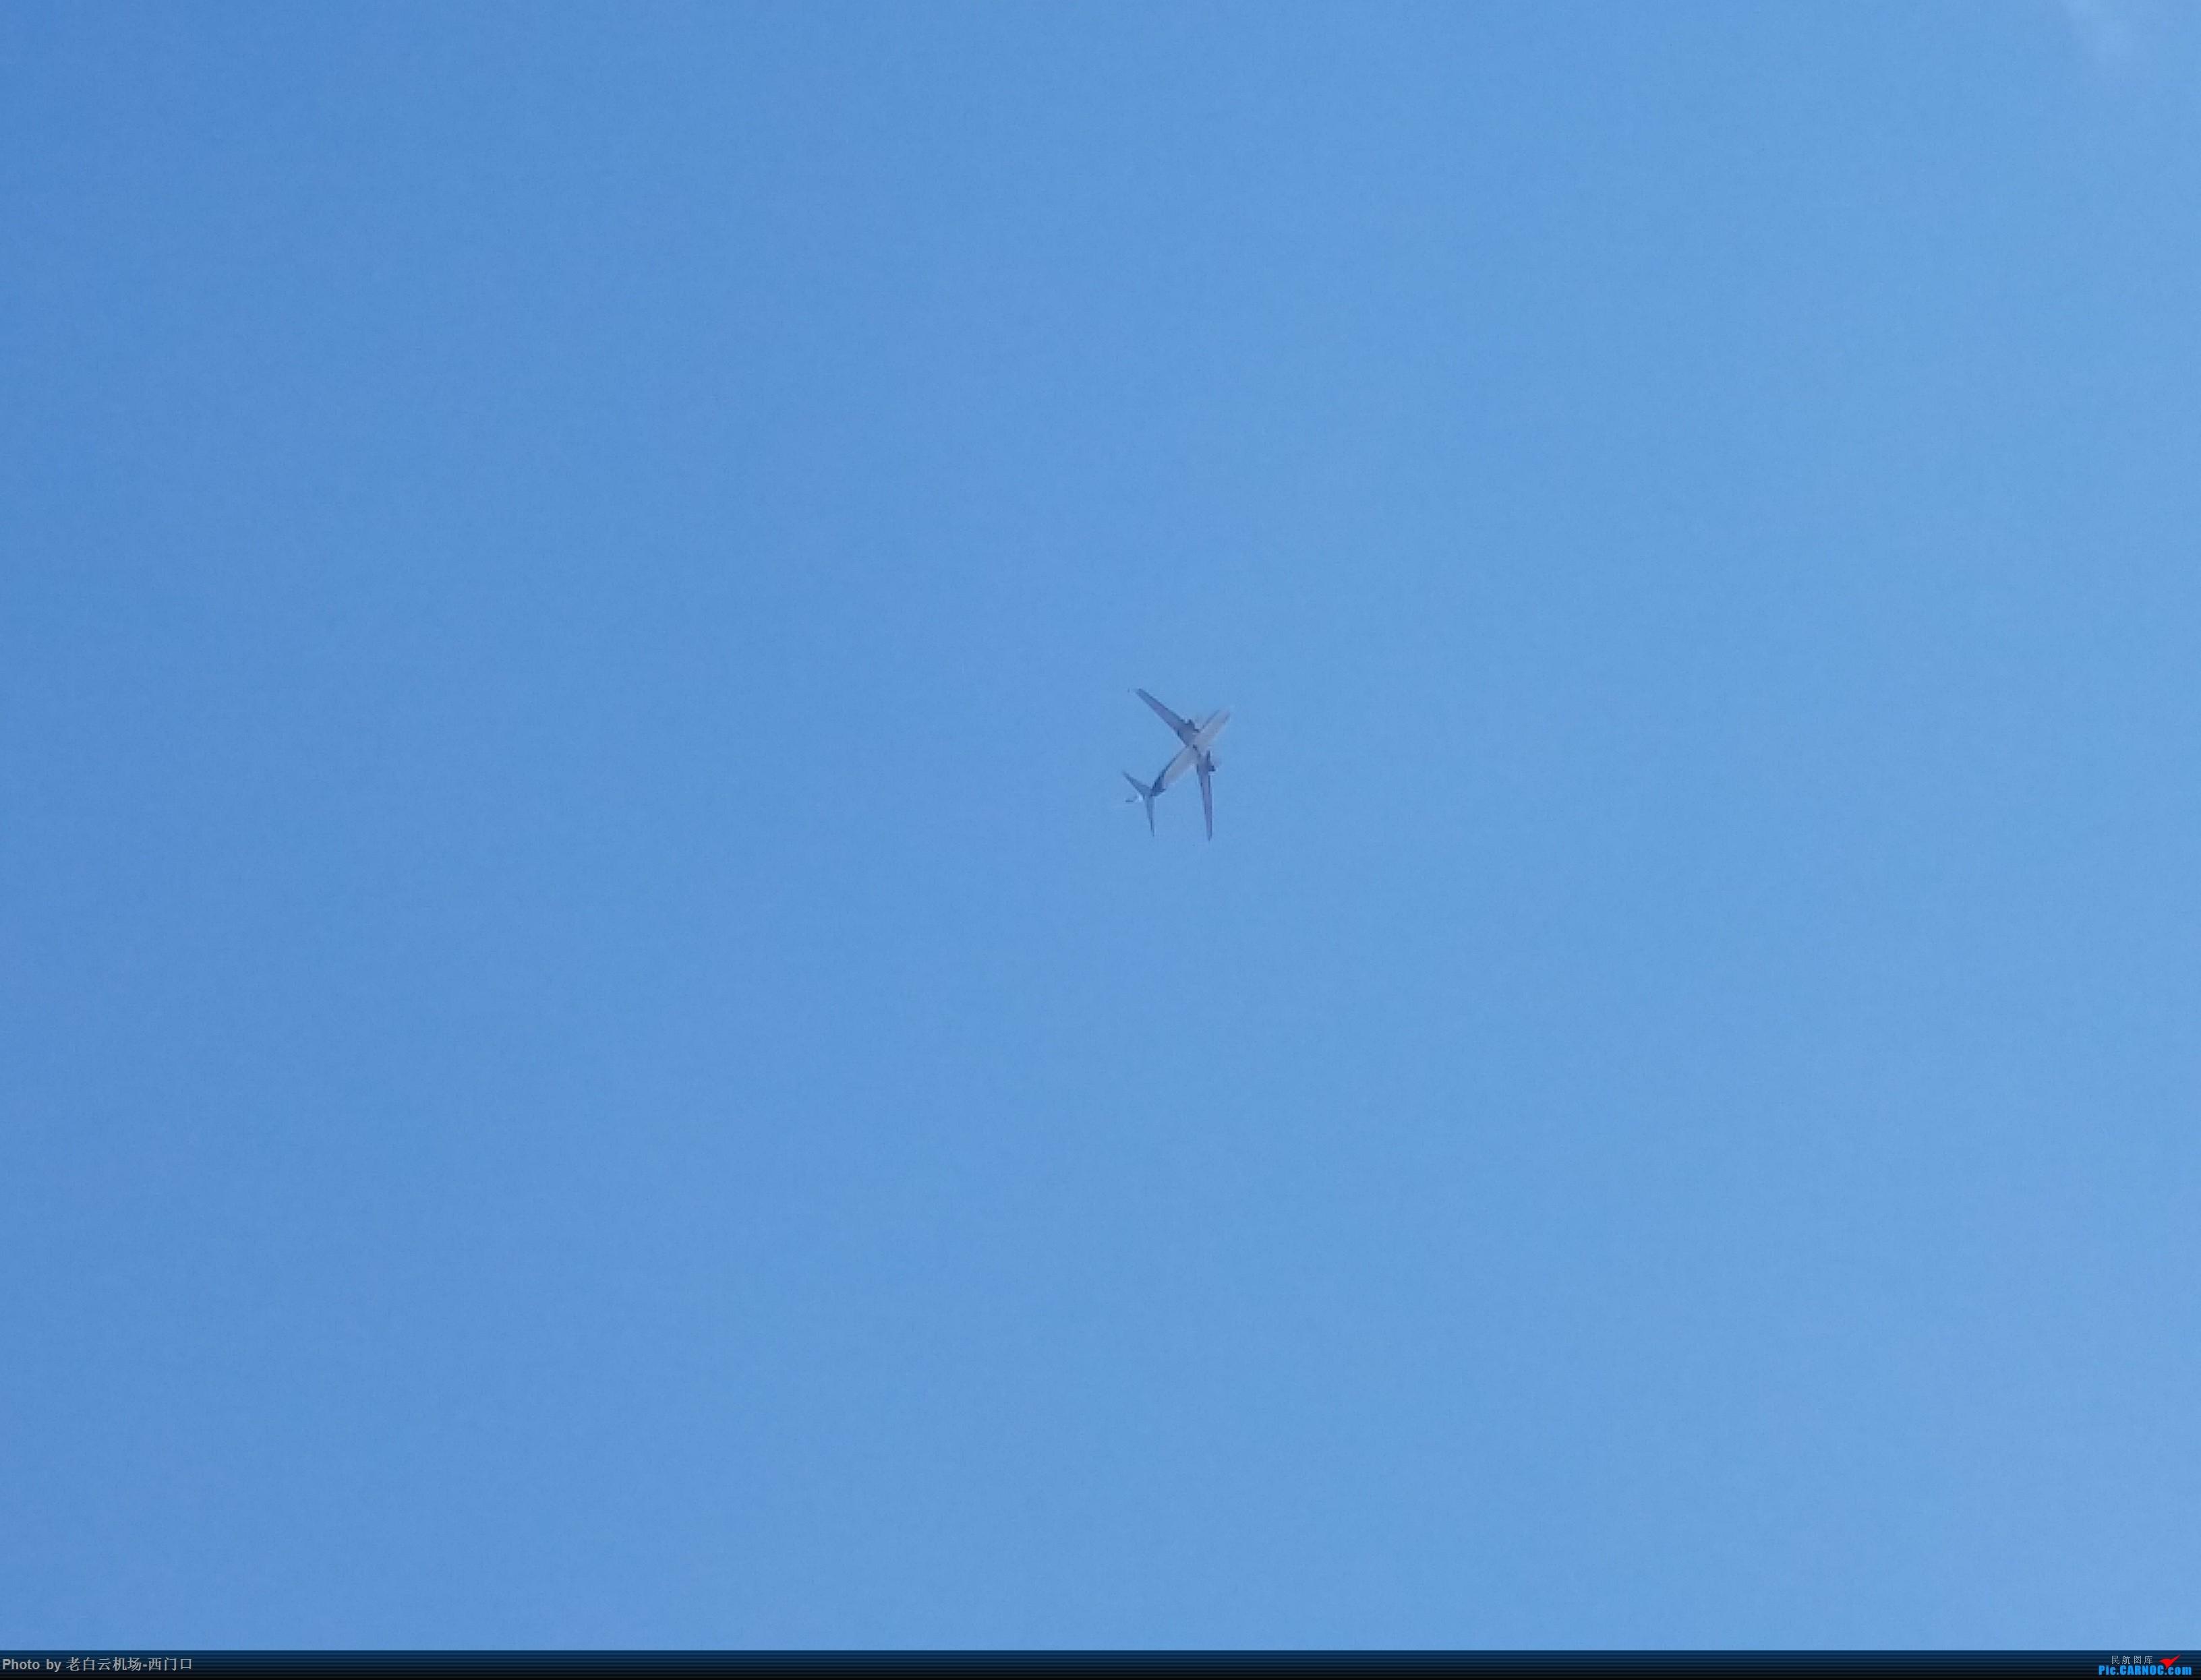 Re:[原创]我的拍飞机心情(广州) AIRBUS A320-200 不明 中国广东省广州市荔湾区西门口广场上空